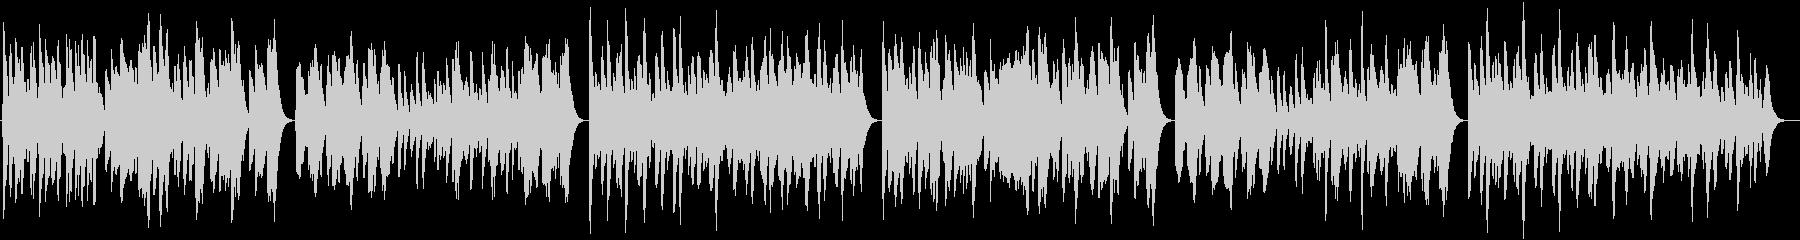 可愛らしいオルゴールのワルツの未再生の波形